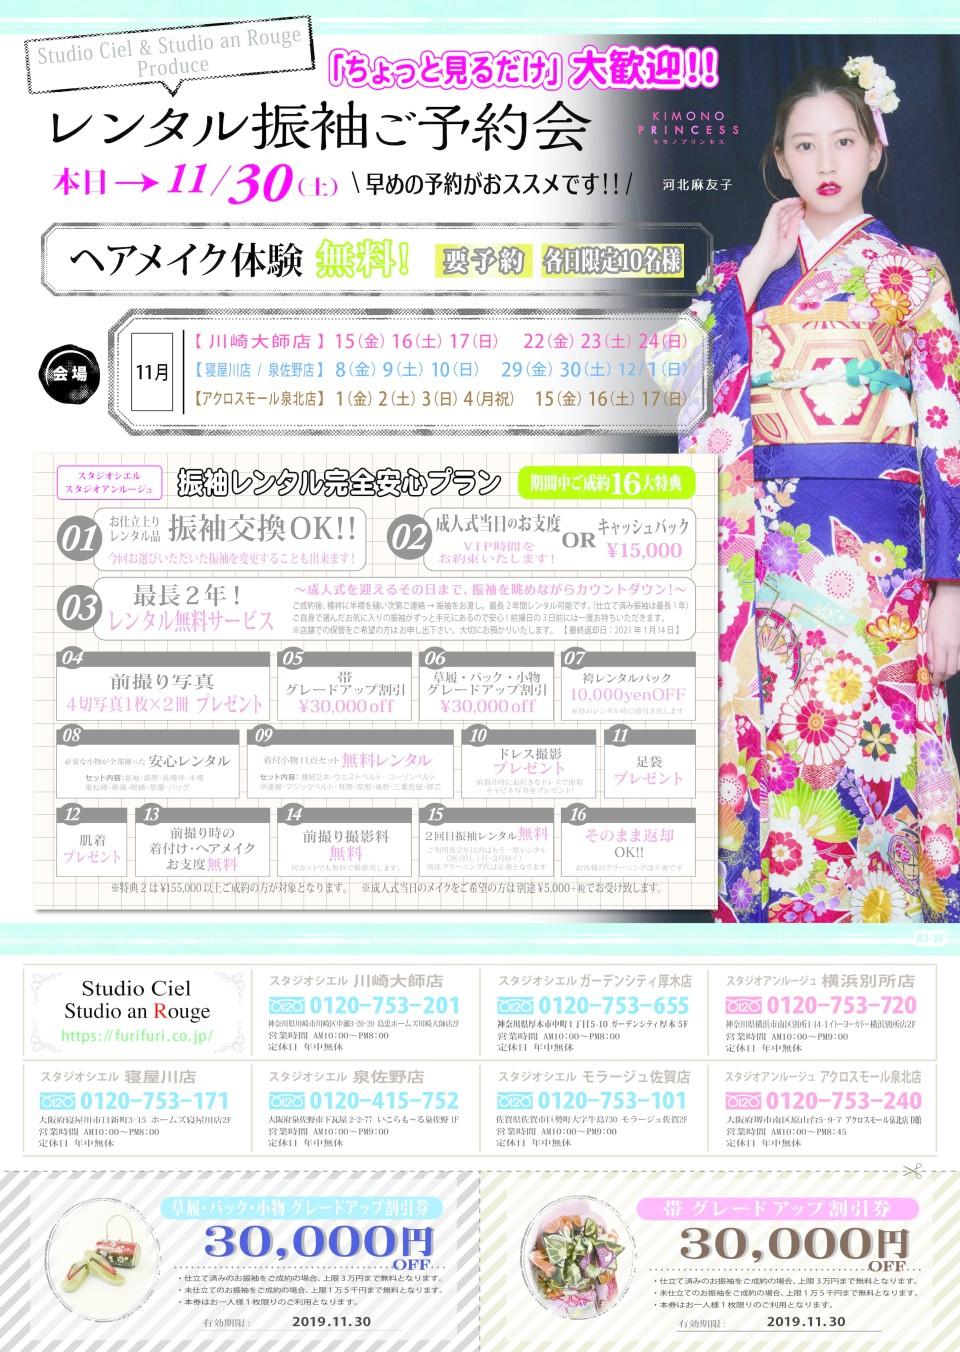 ☆2021年度用(R3年)チラシ_関西_201911★★★